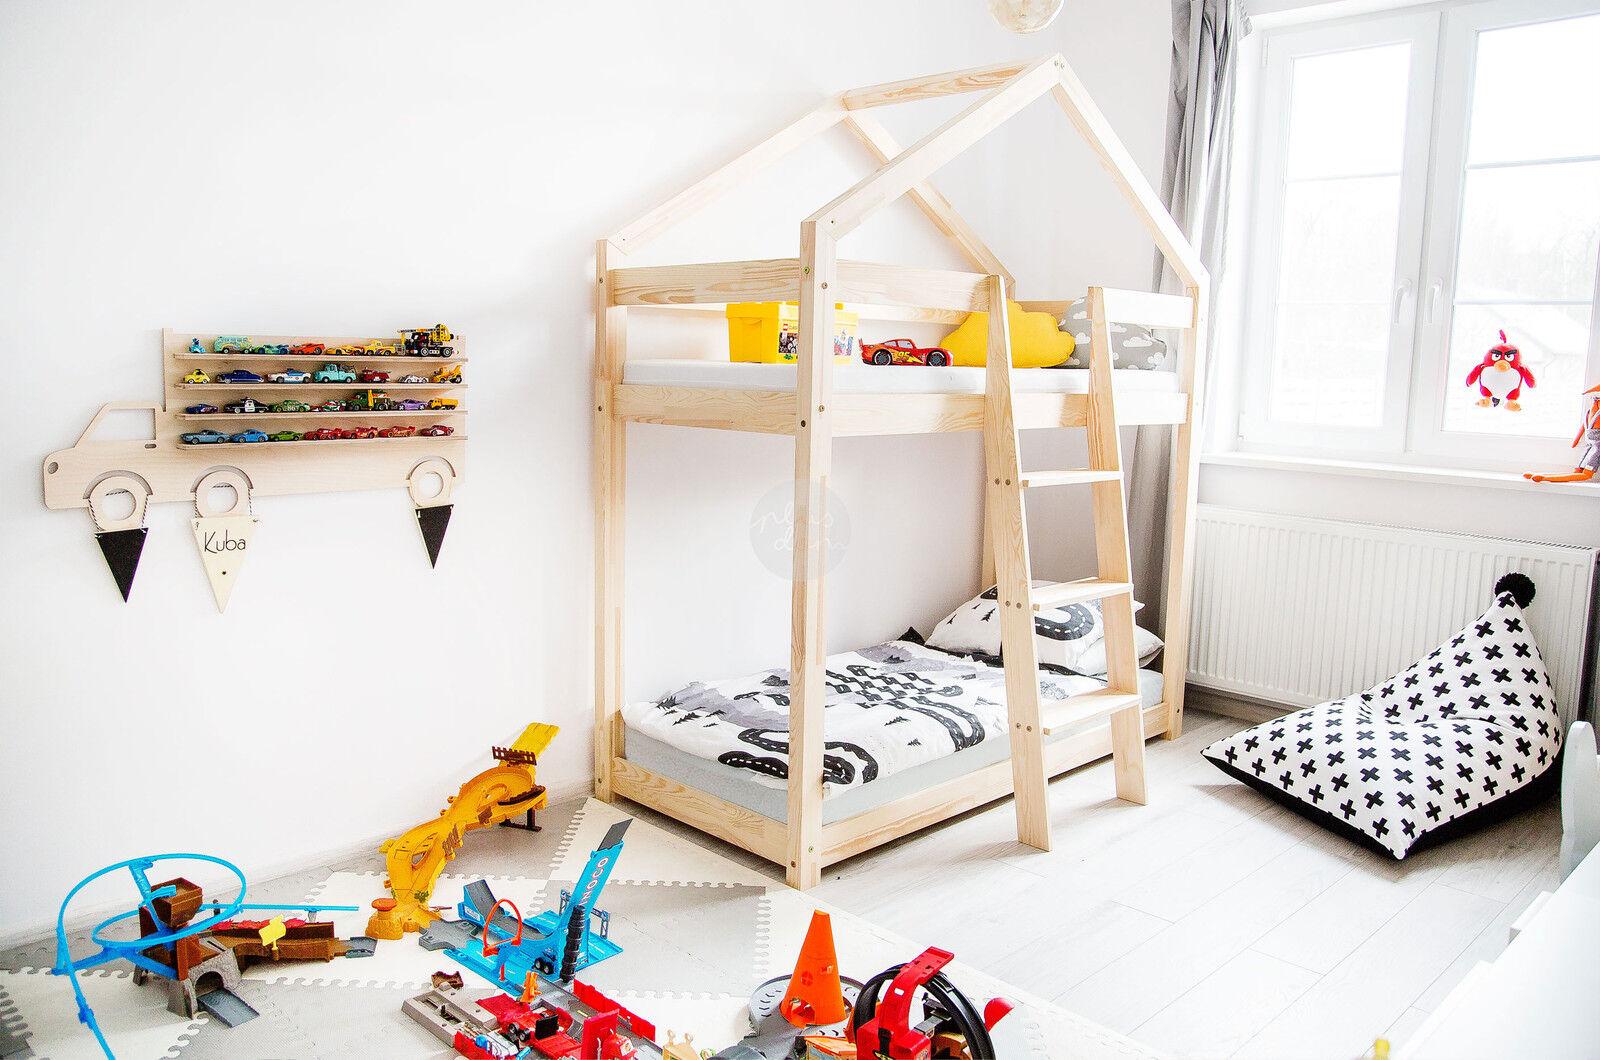 Lit enfant-Maison en bois Lit pour enfants Talo d5 80x190 cm